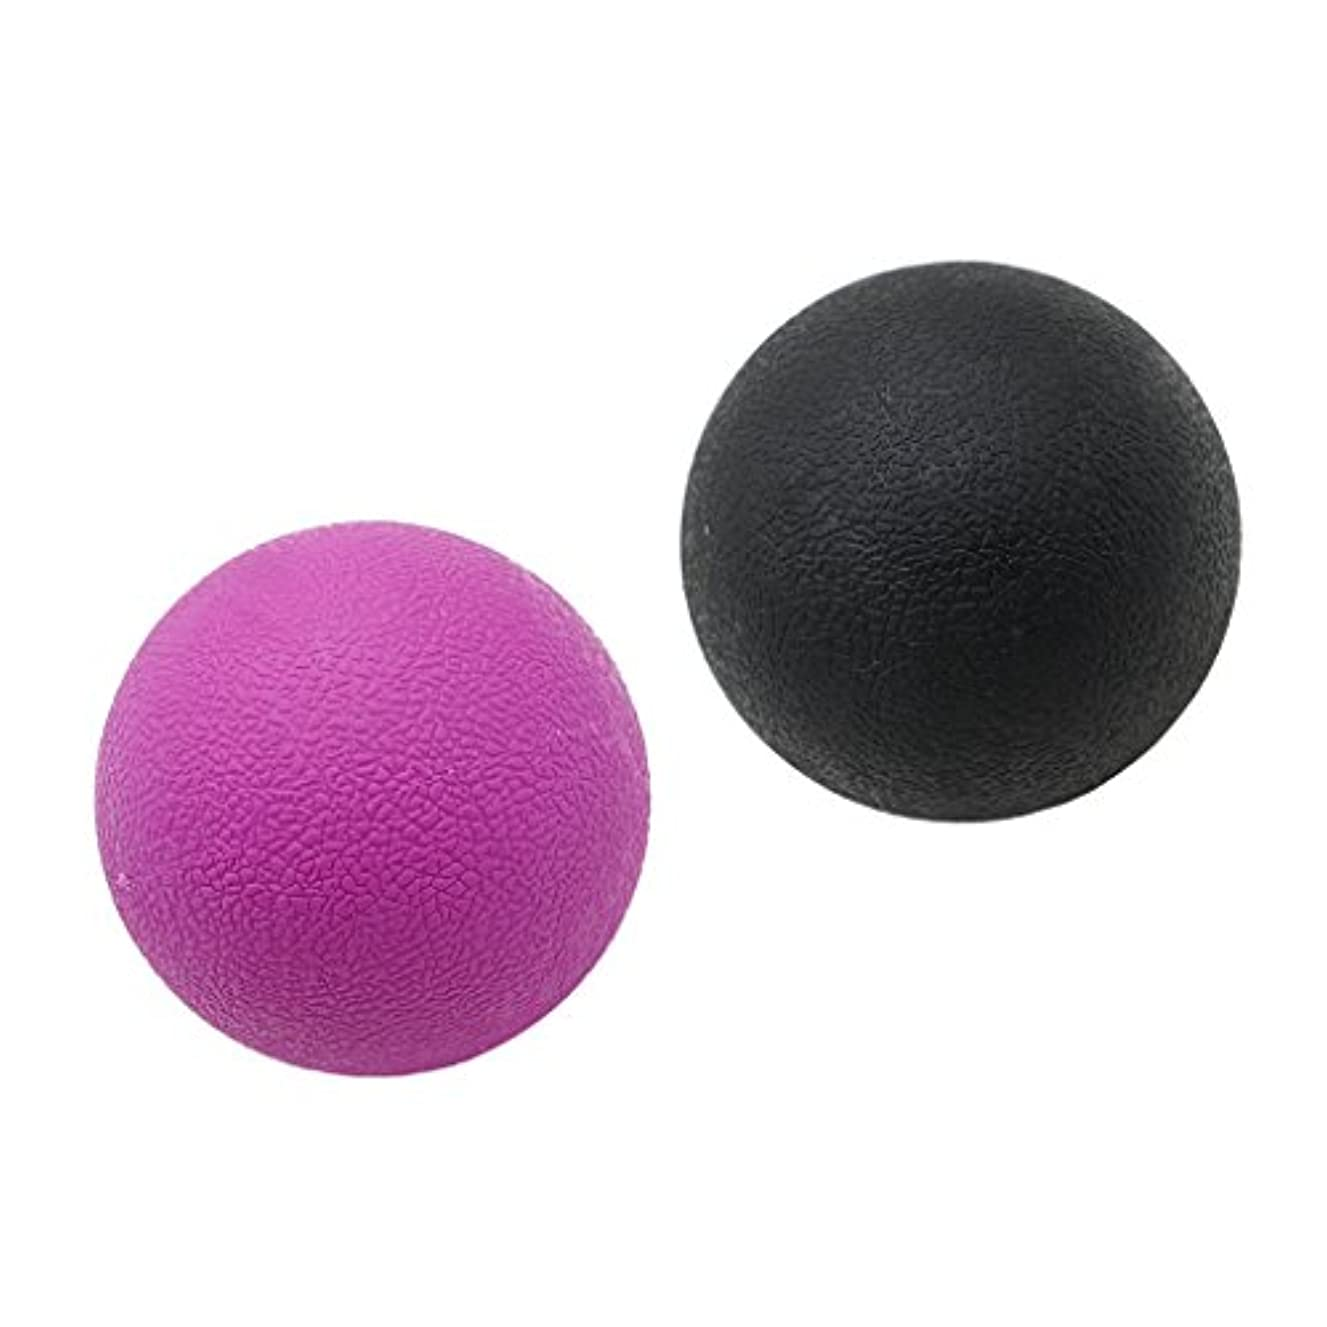 想像する母音伝染性Fenteer 2個 マッサージボール ストレッチボール トリガーポイント トレーニング 背中 肩 腰 マッサージ 多色選べる - ブラックパープル